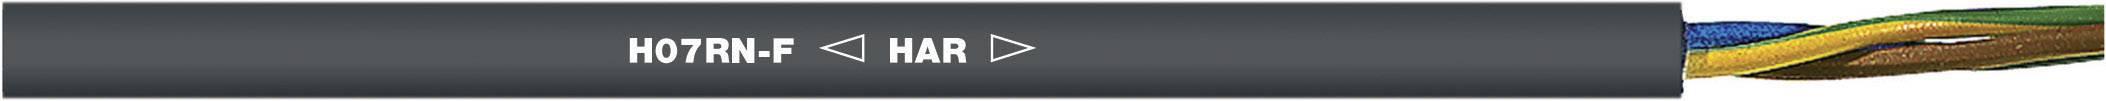 Připojovací kabel H07RN-F 2 x 6 mm² černá LAPP 1600095/50 50 m